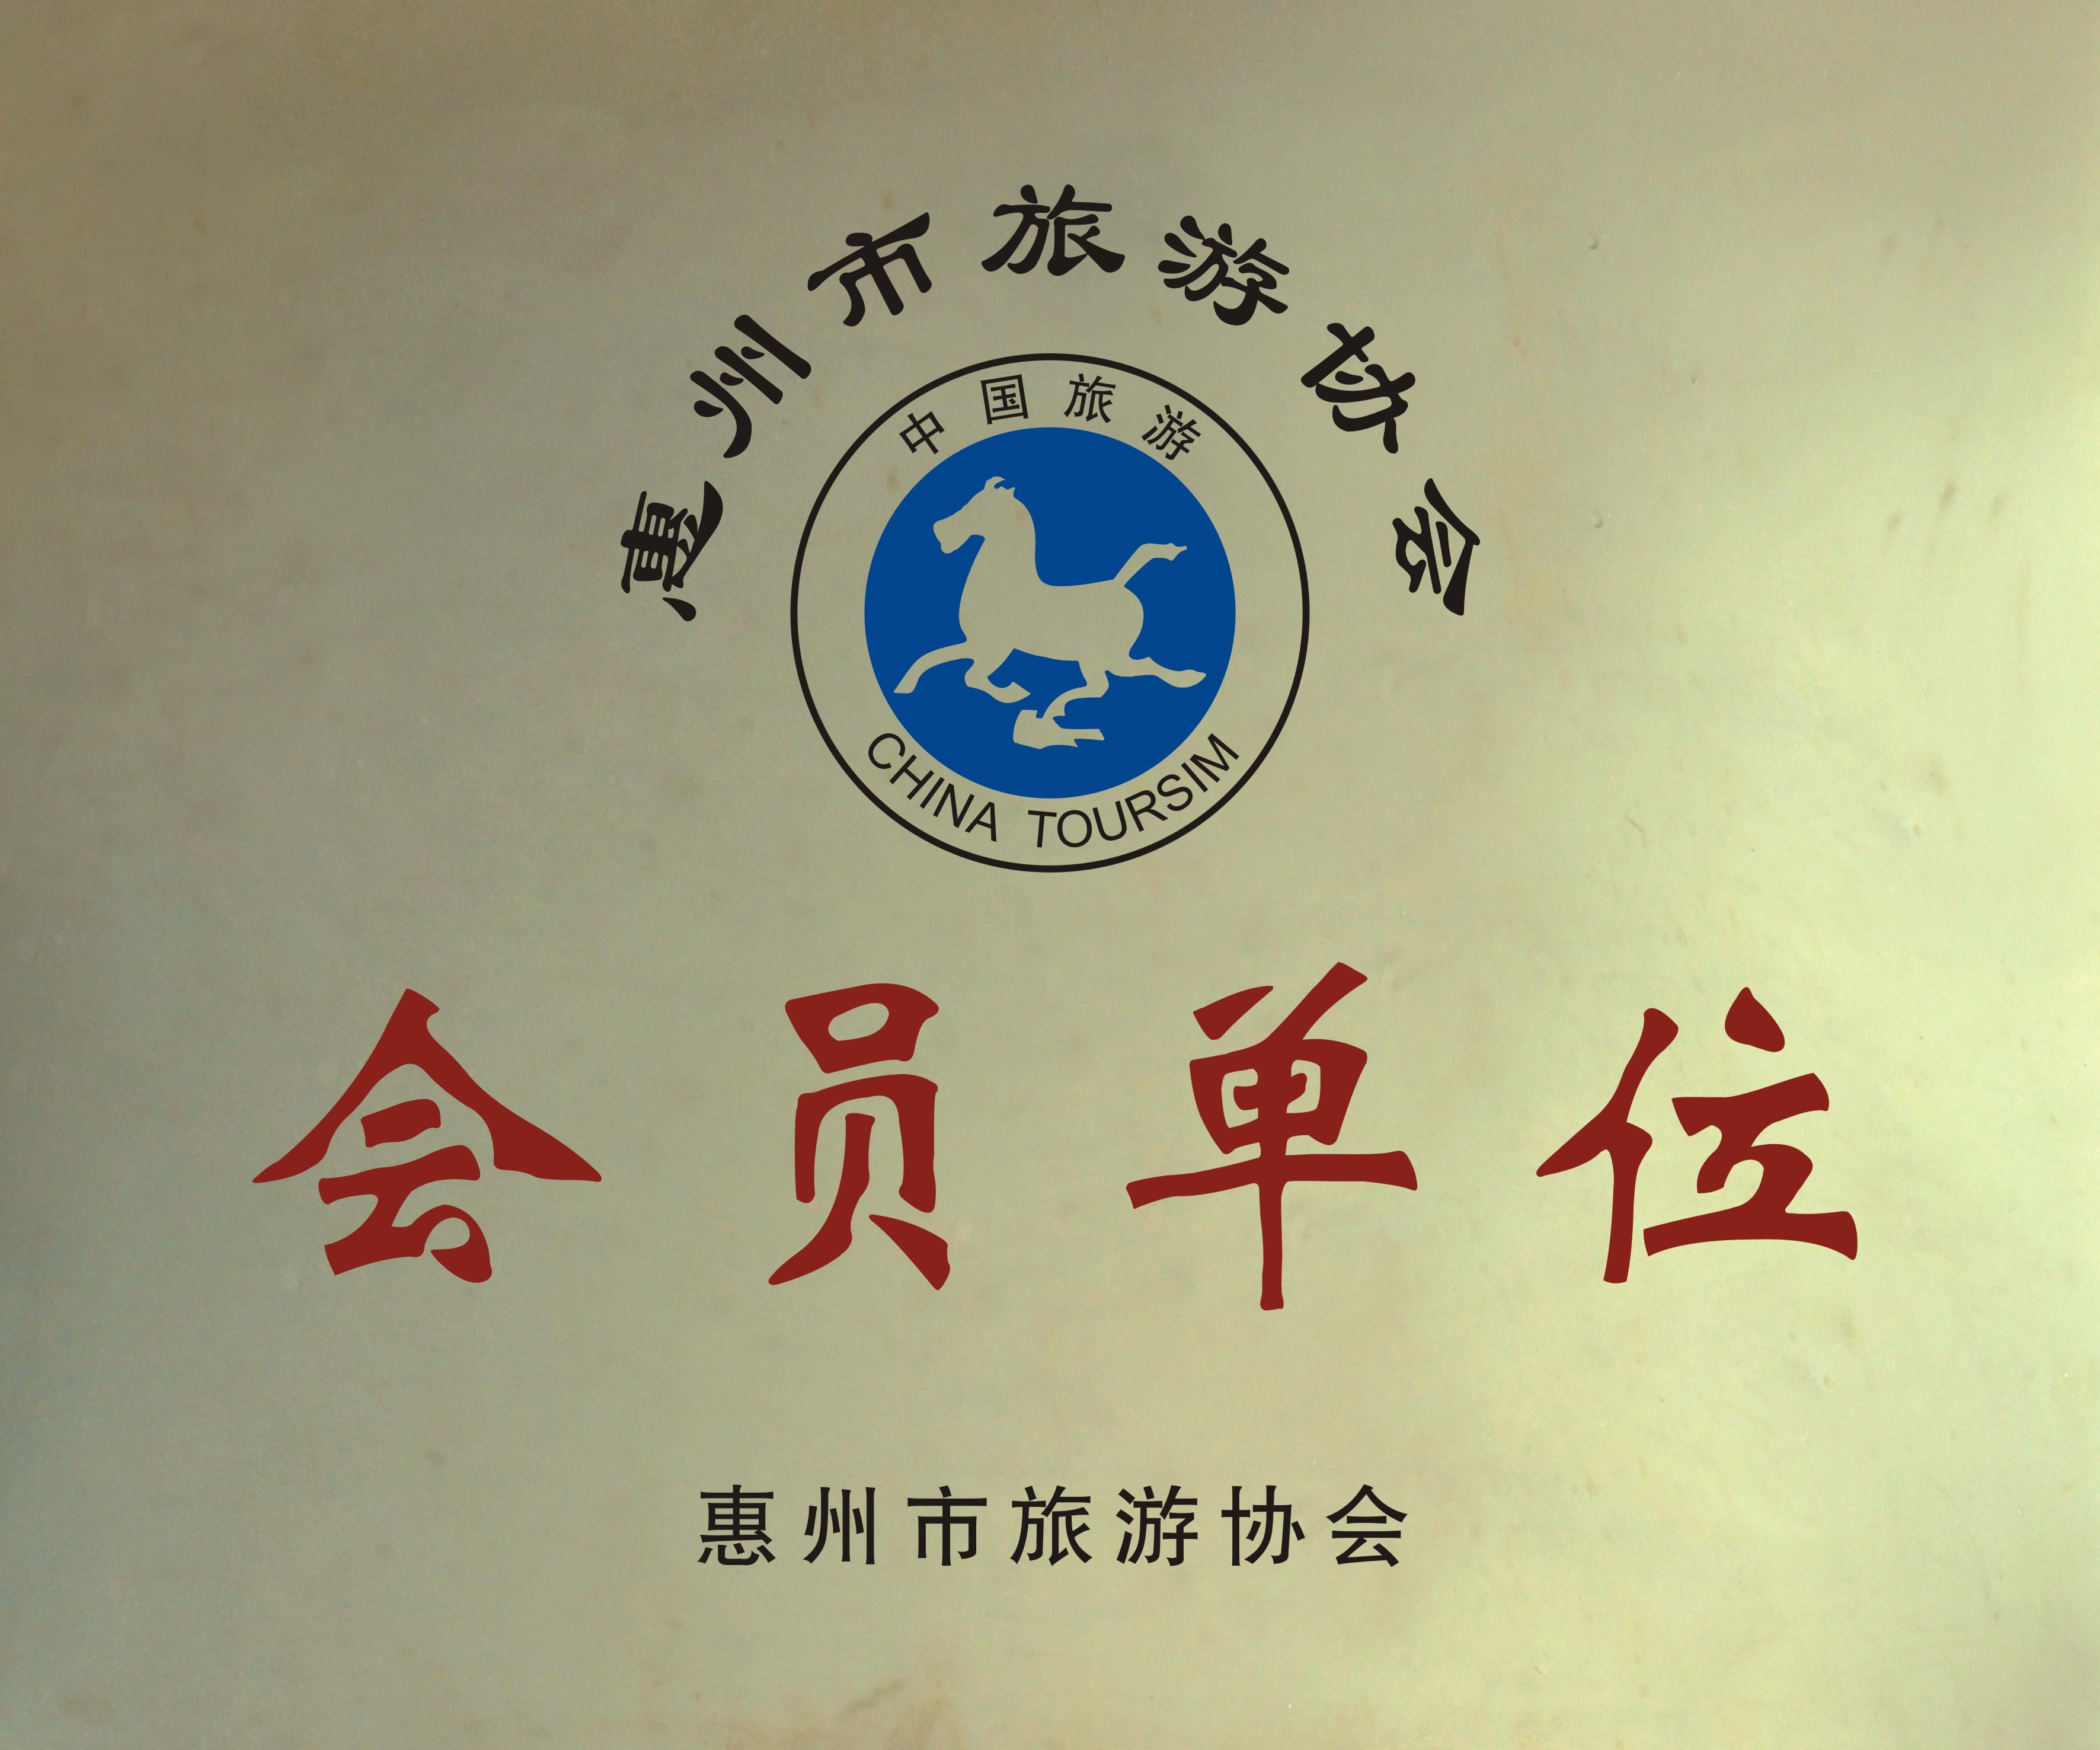 惠州市旅游協會會員單位